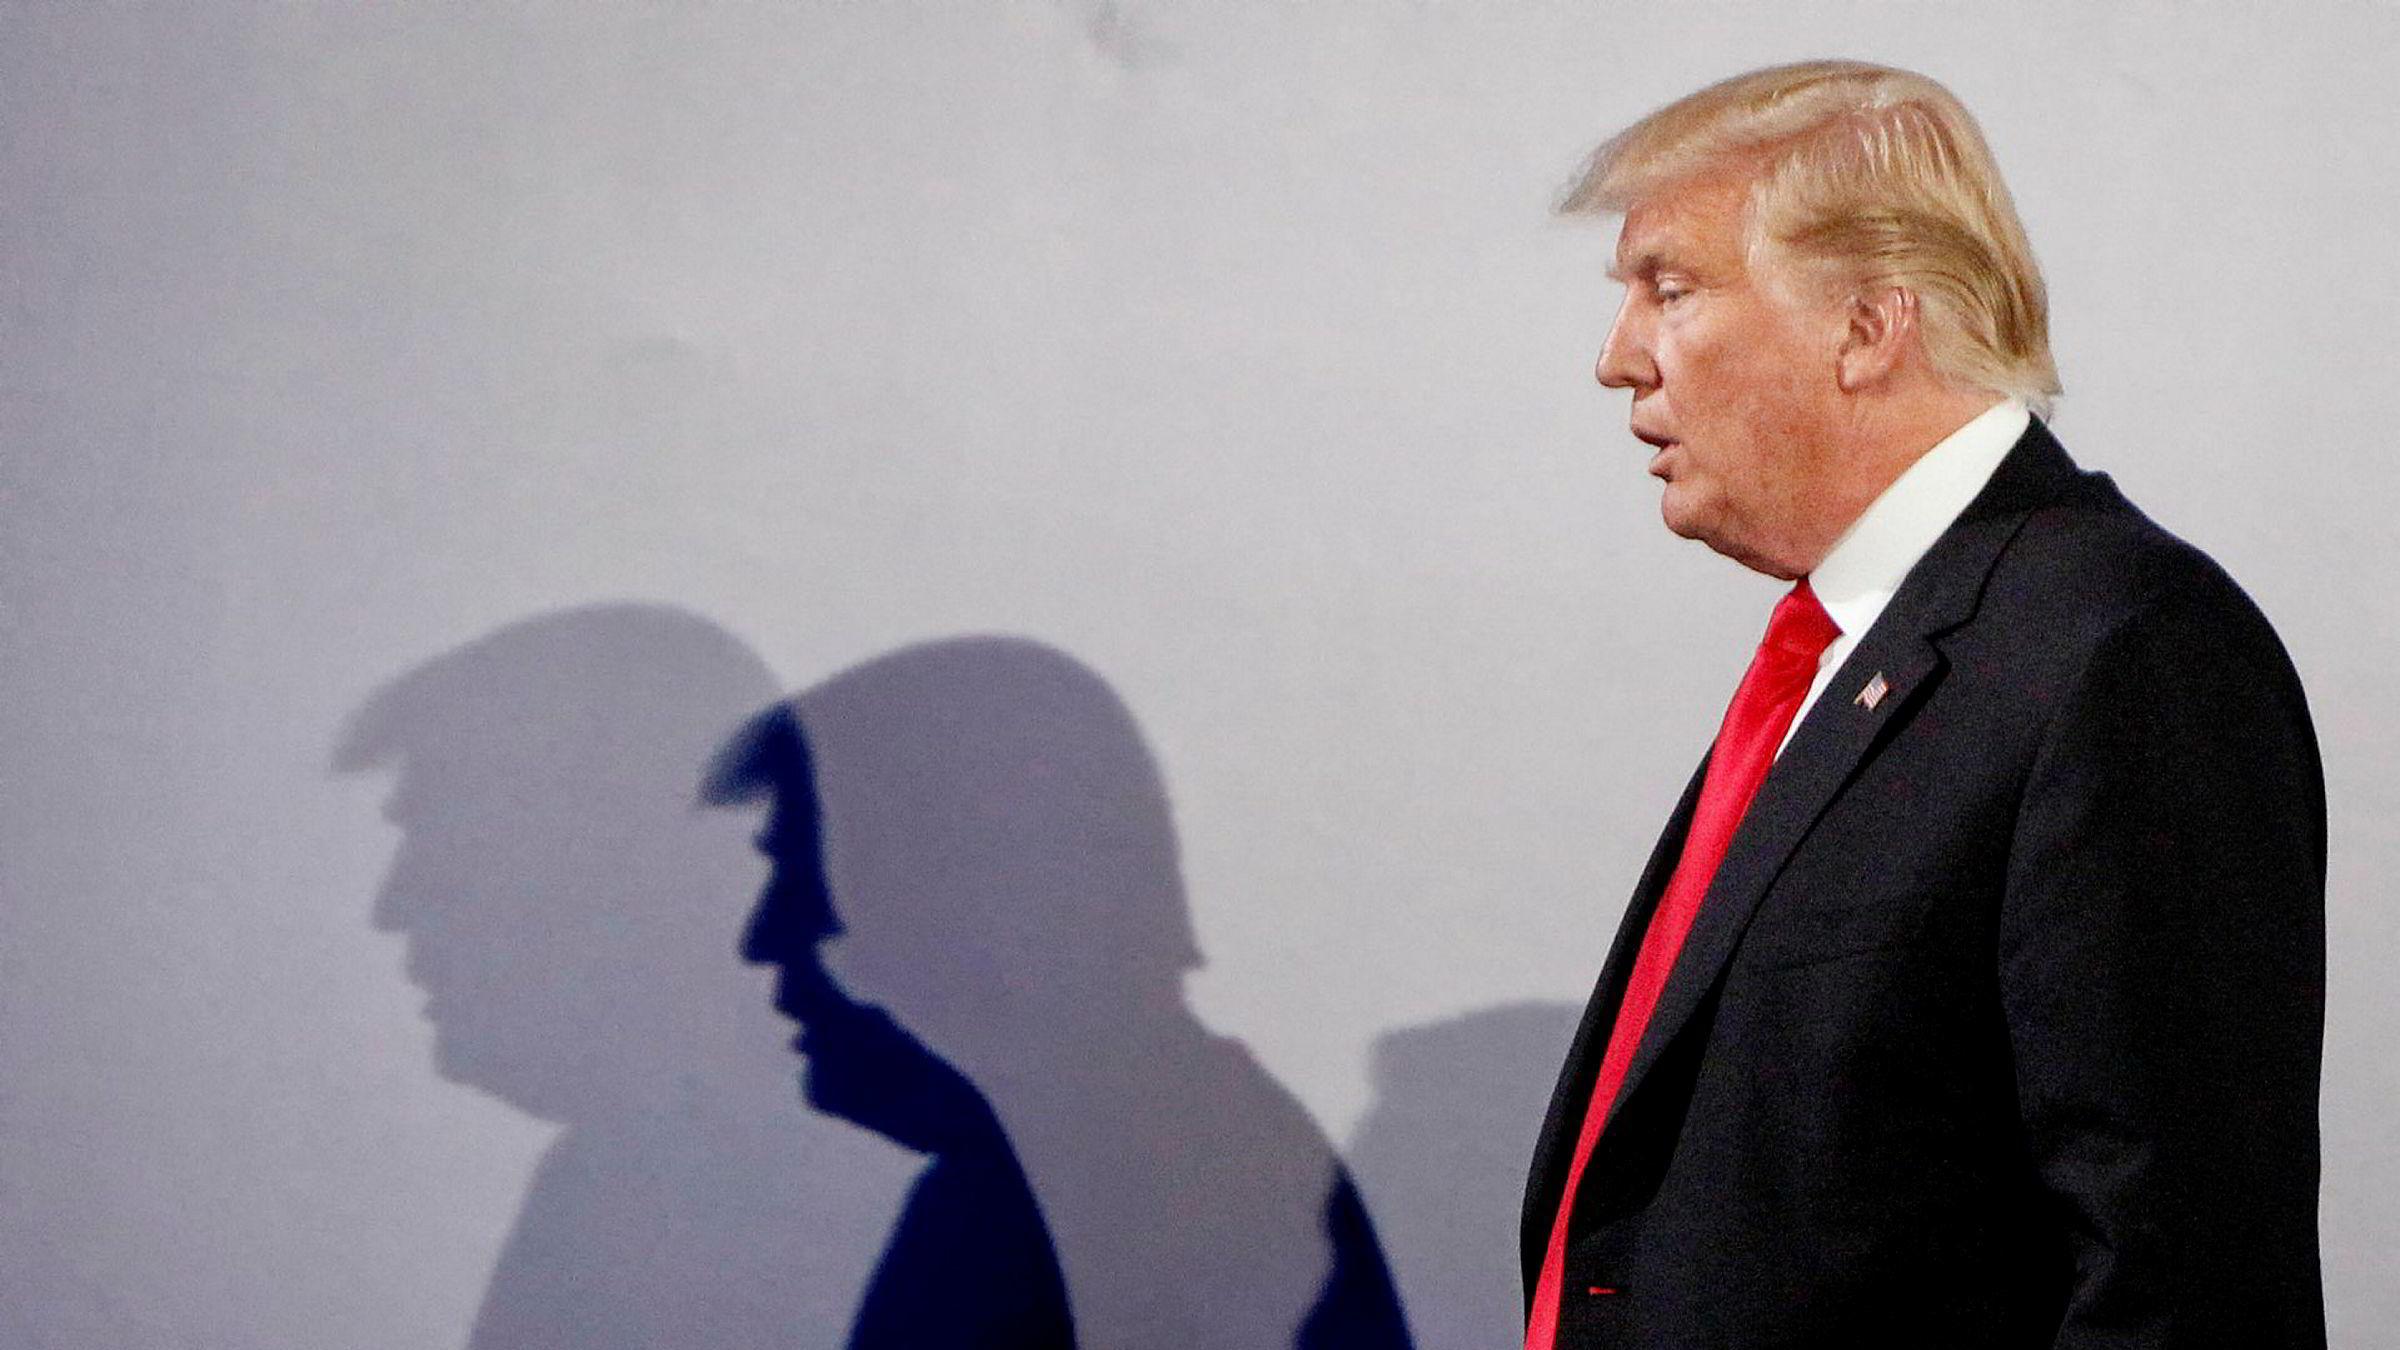 Makt kan også gå ledere til hodet; de kan føle at de kontrollerer mer enn det de reelt gjør, og de kan overvurdere seg selv og sine handlinger, noe USAs president Donald Trumps gjøren og laden stadig minner oss på, enten det er på Twitter eller fra talerstoler.